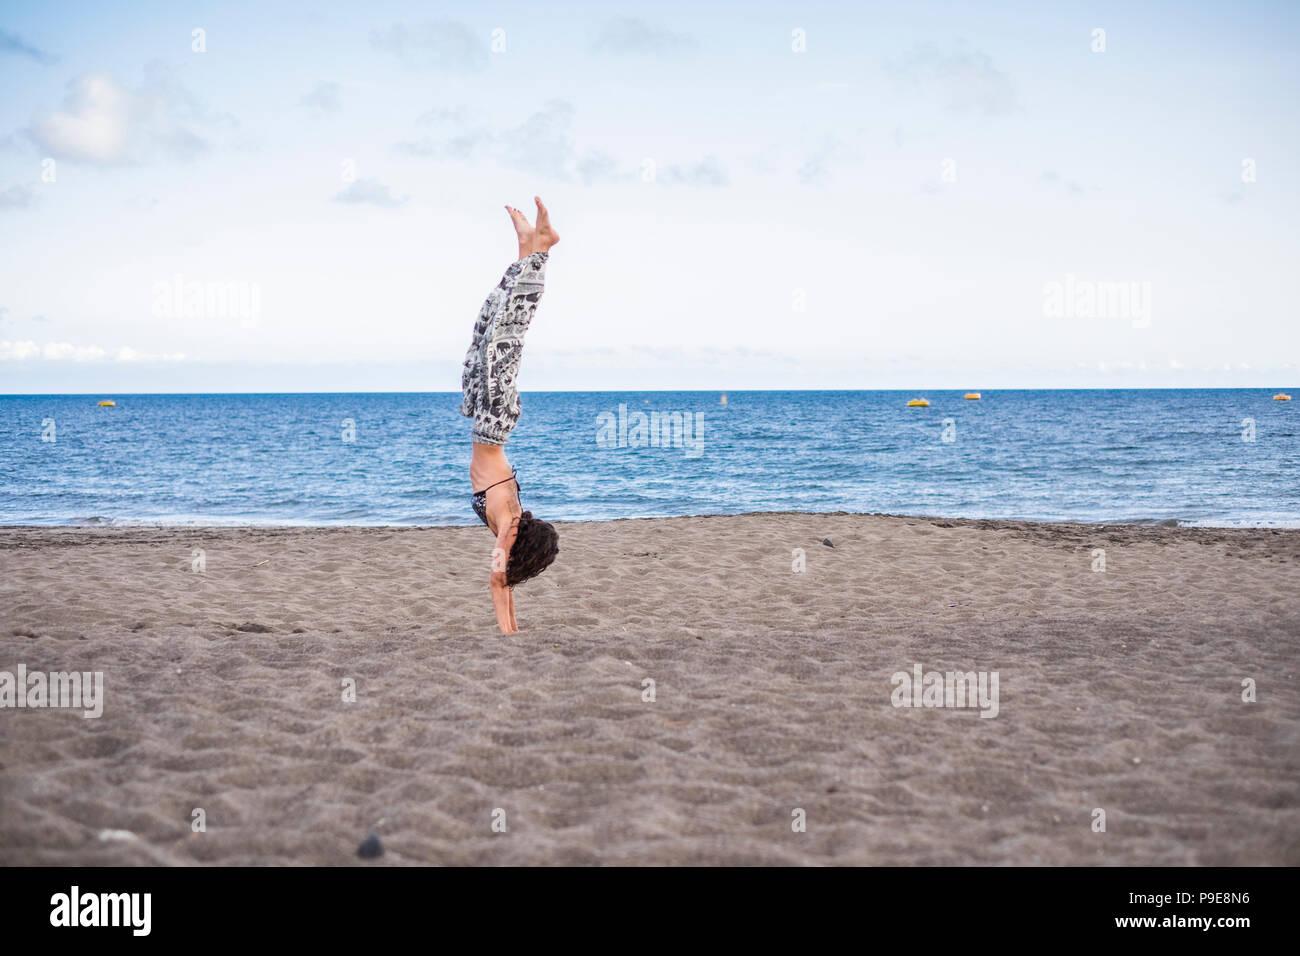 Schön ziemlich kaukasische Mädchen stehend auf die Hand am Strand im Sommer Freizeitaktivitäten Aktivität. Blick auf das Meer im Hintergrund. das Leben zu genießen und Balance Stockbild